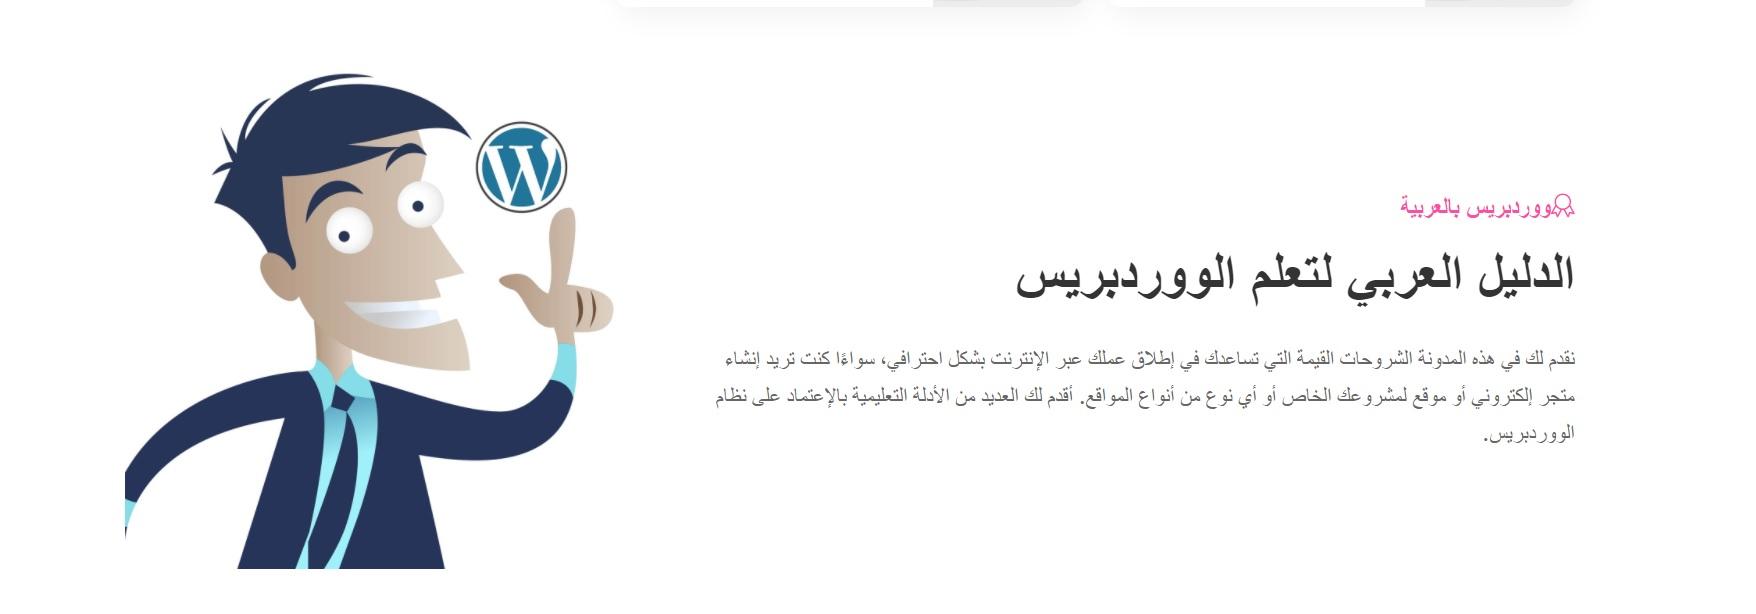 مدونة ووردبريس بالعربية